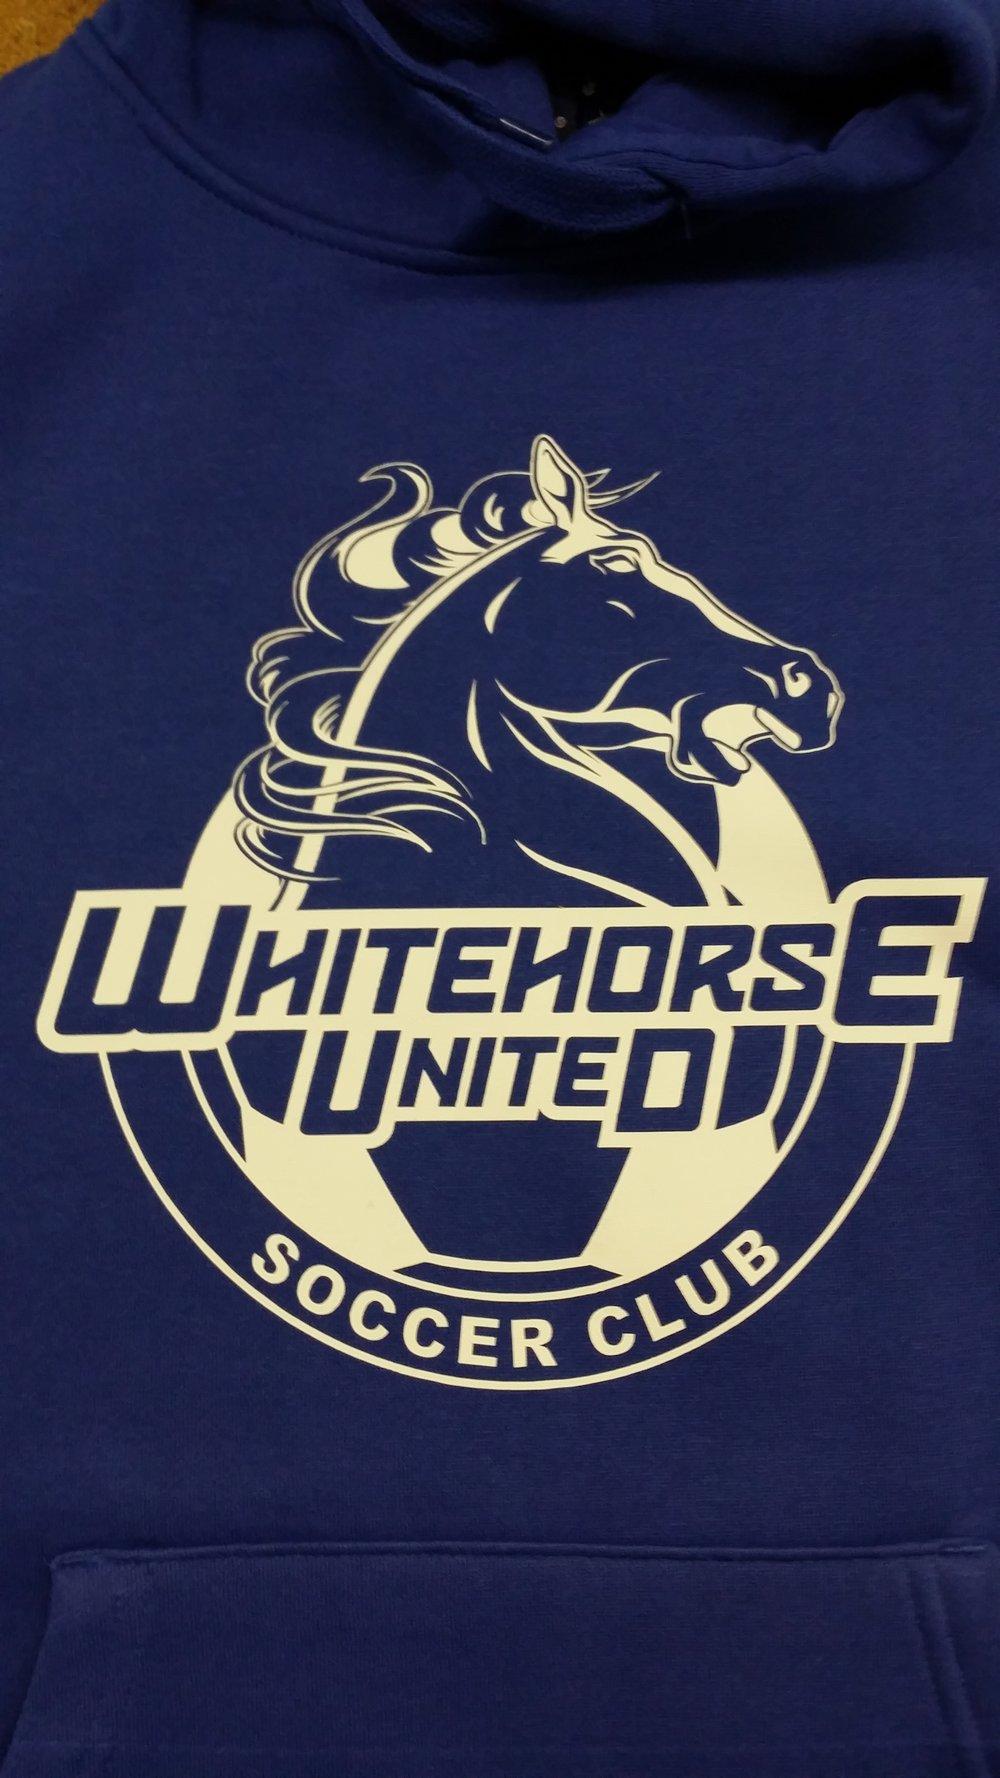 Whitehorse United SC 1.jpg